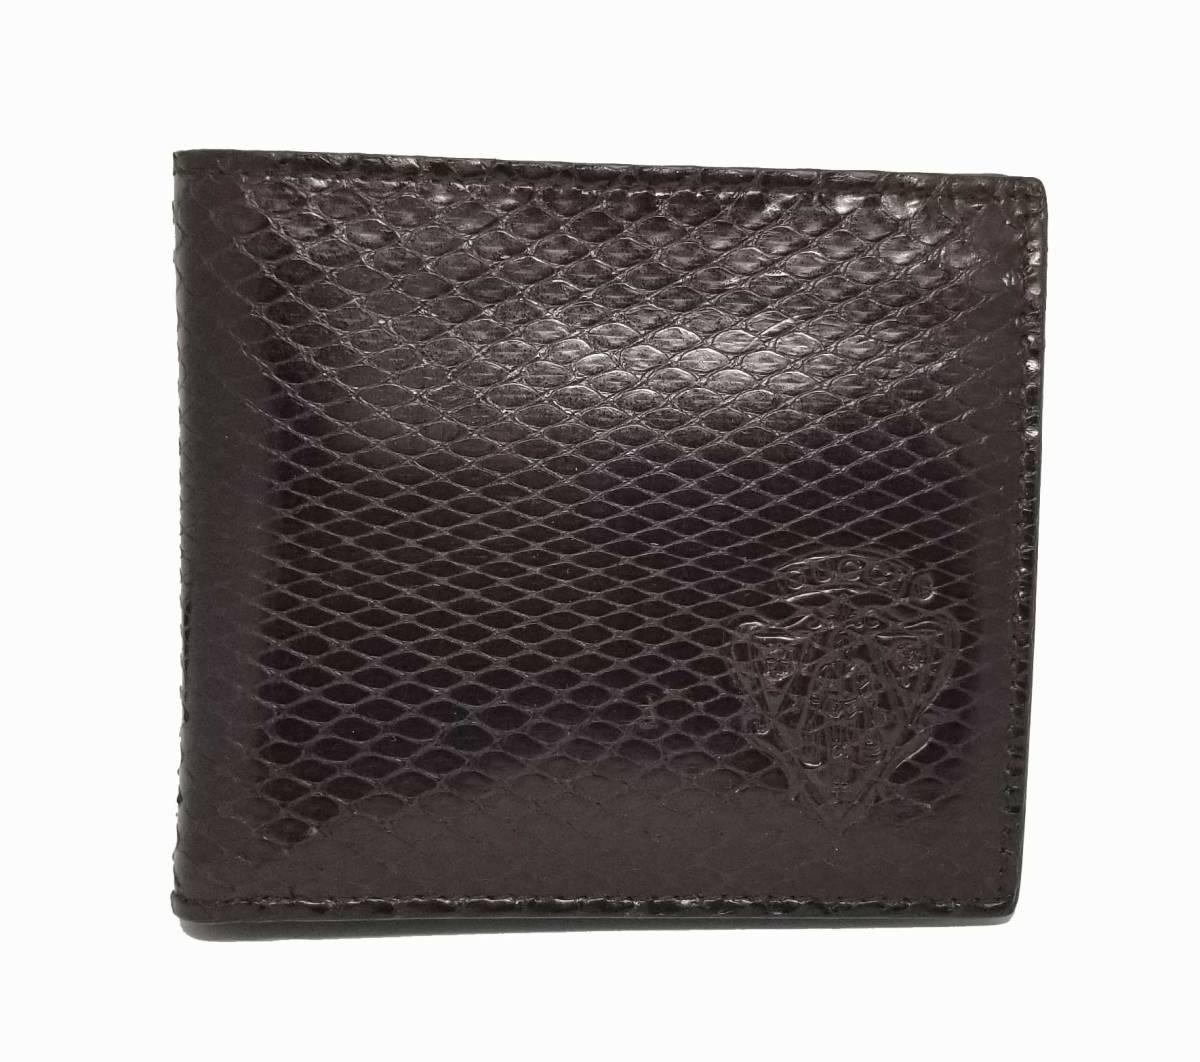 美品 グッチ パイソン 財布 二つ折り メンズ ダークブラウン 茶色 クレスト 紋章 ブラウン 本革 蛇革 GUCCI 【中古】